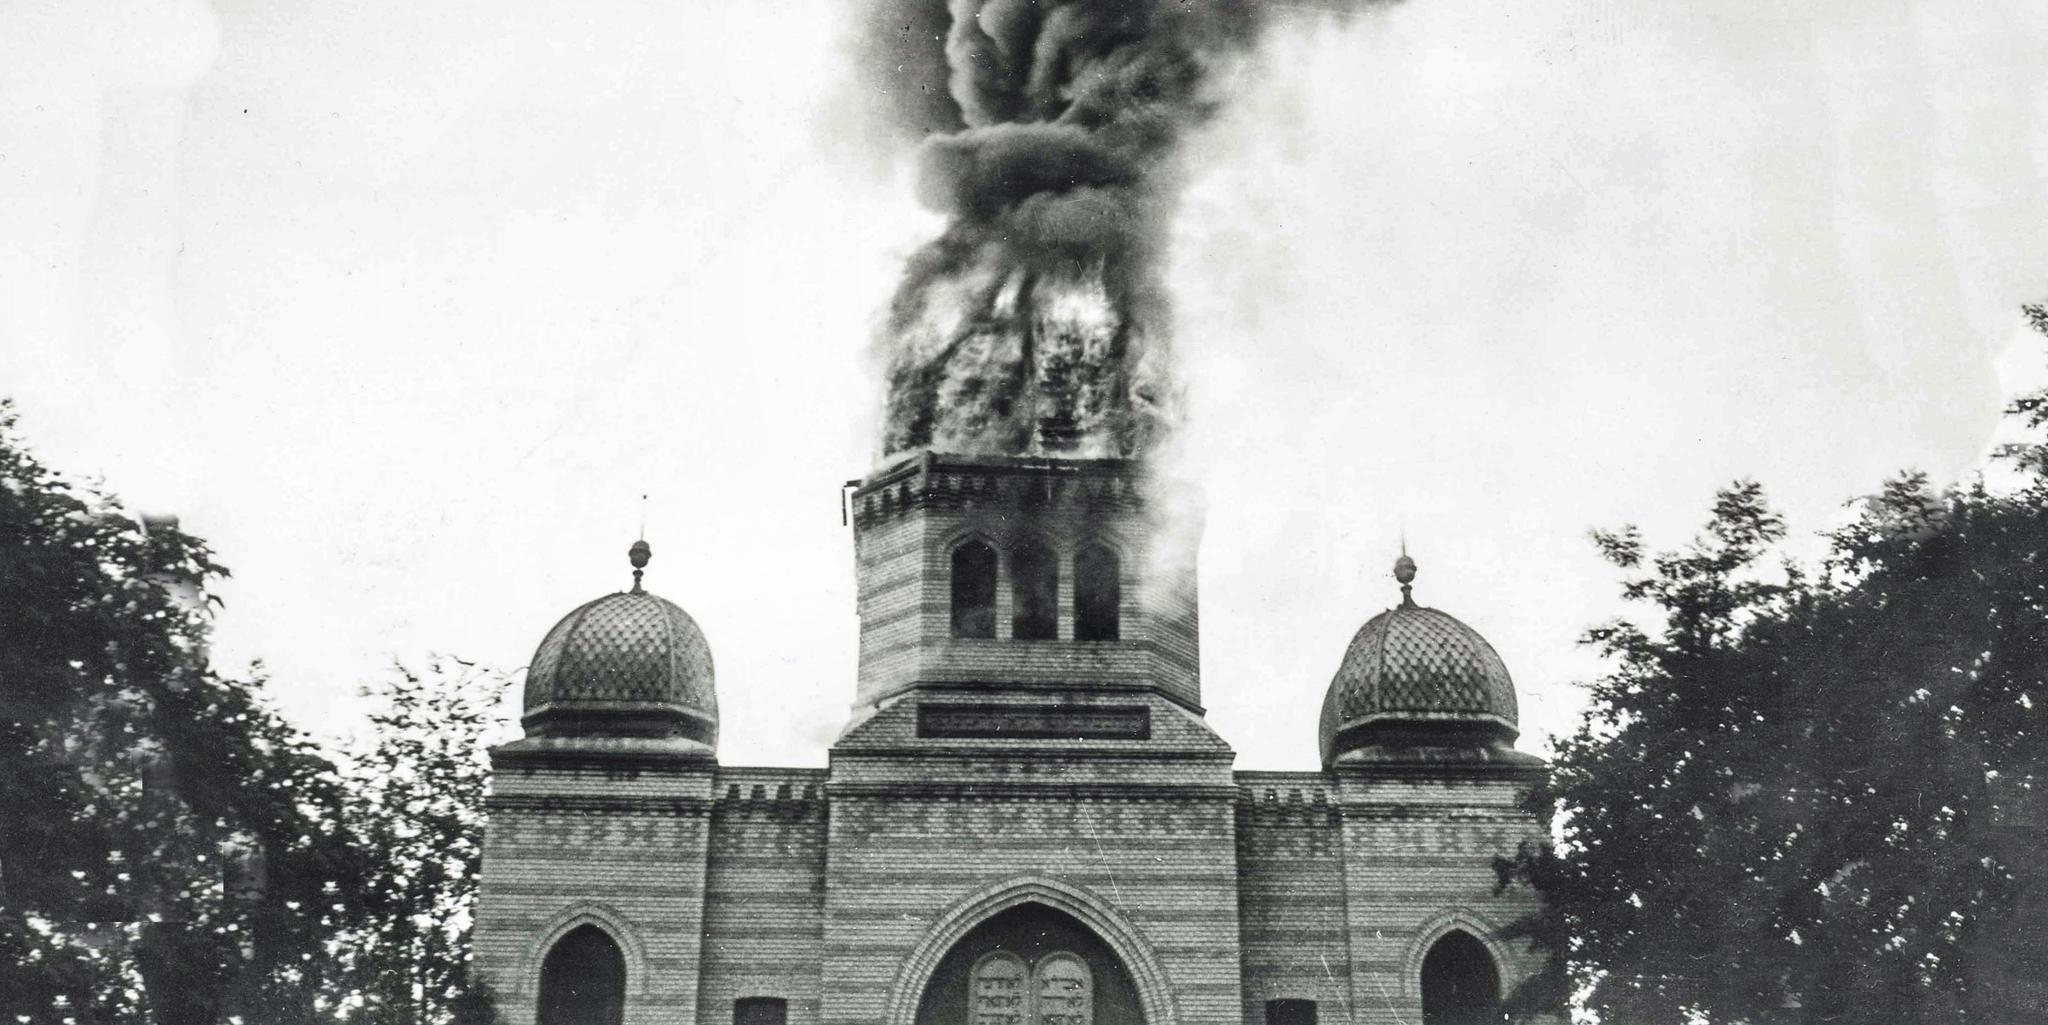 Ein historisches Bild zeigt die brennende Synagoge am 16. August 1931 als ein Blitzschlag die Synagoge in Brand setzte. Herbeieilende Nachbarn halfen beim Löschen. Am 9. November 1938 zerstörten Eberswalder Bürger die Synagoge. Schon am Tag darauf verpflichtete die Stadtverwaltung die jüdische Gemeinde dazu den sofortigen Abriss der Ruine zu veranlassen und zu bezahlen.